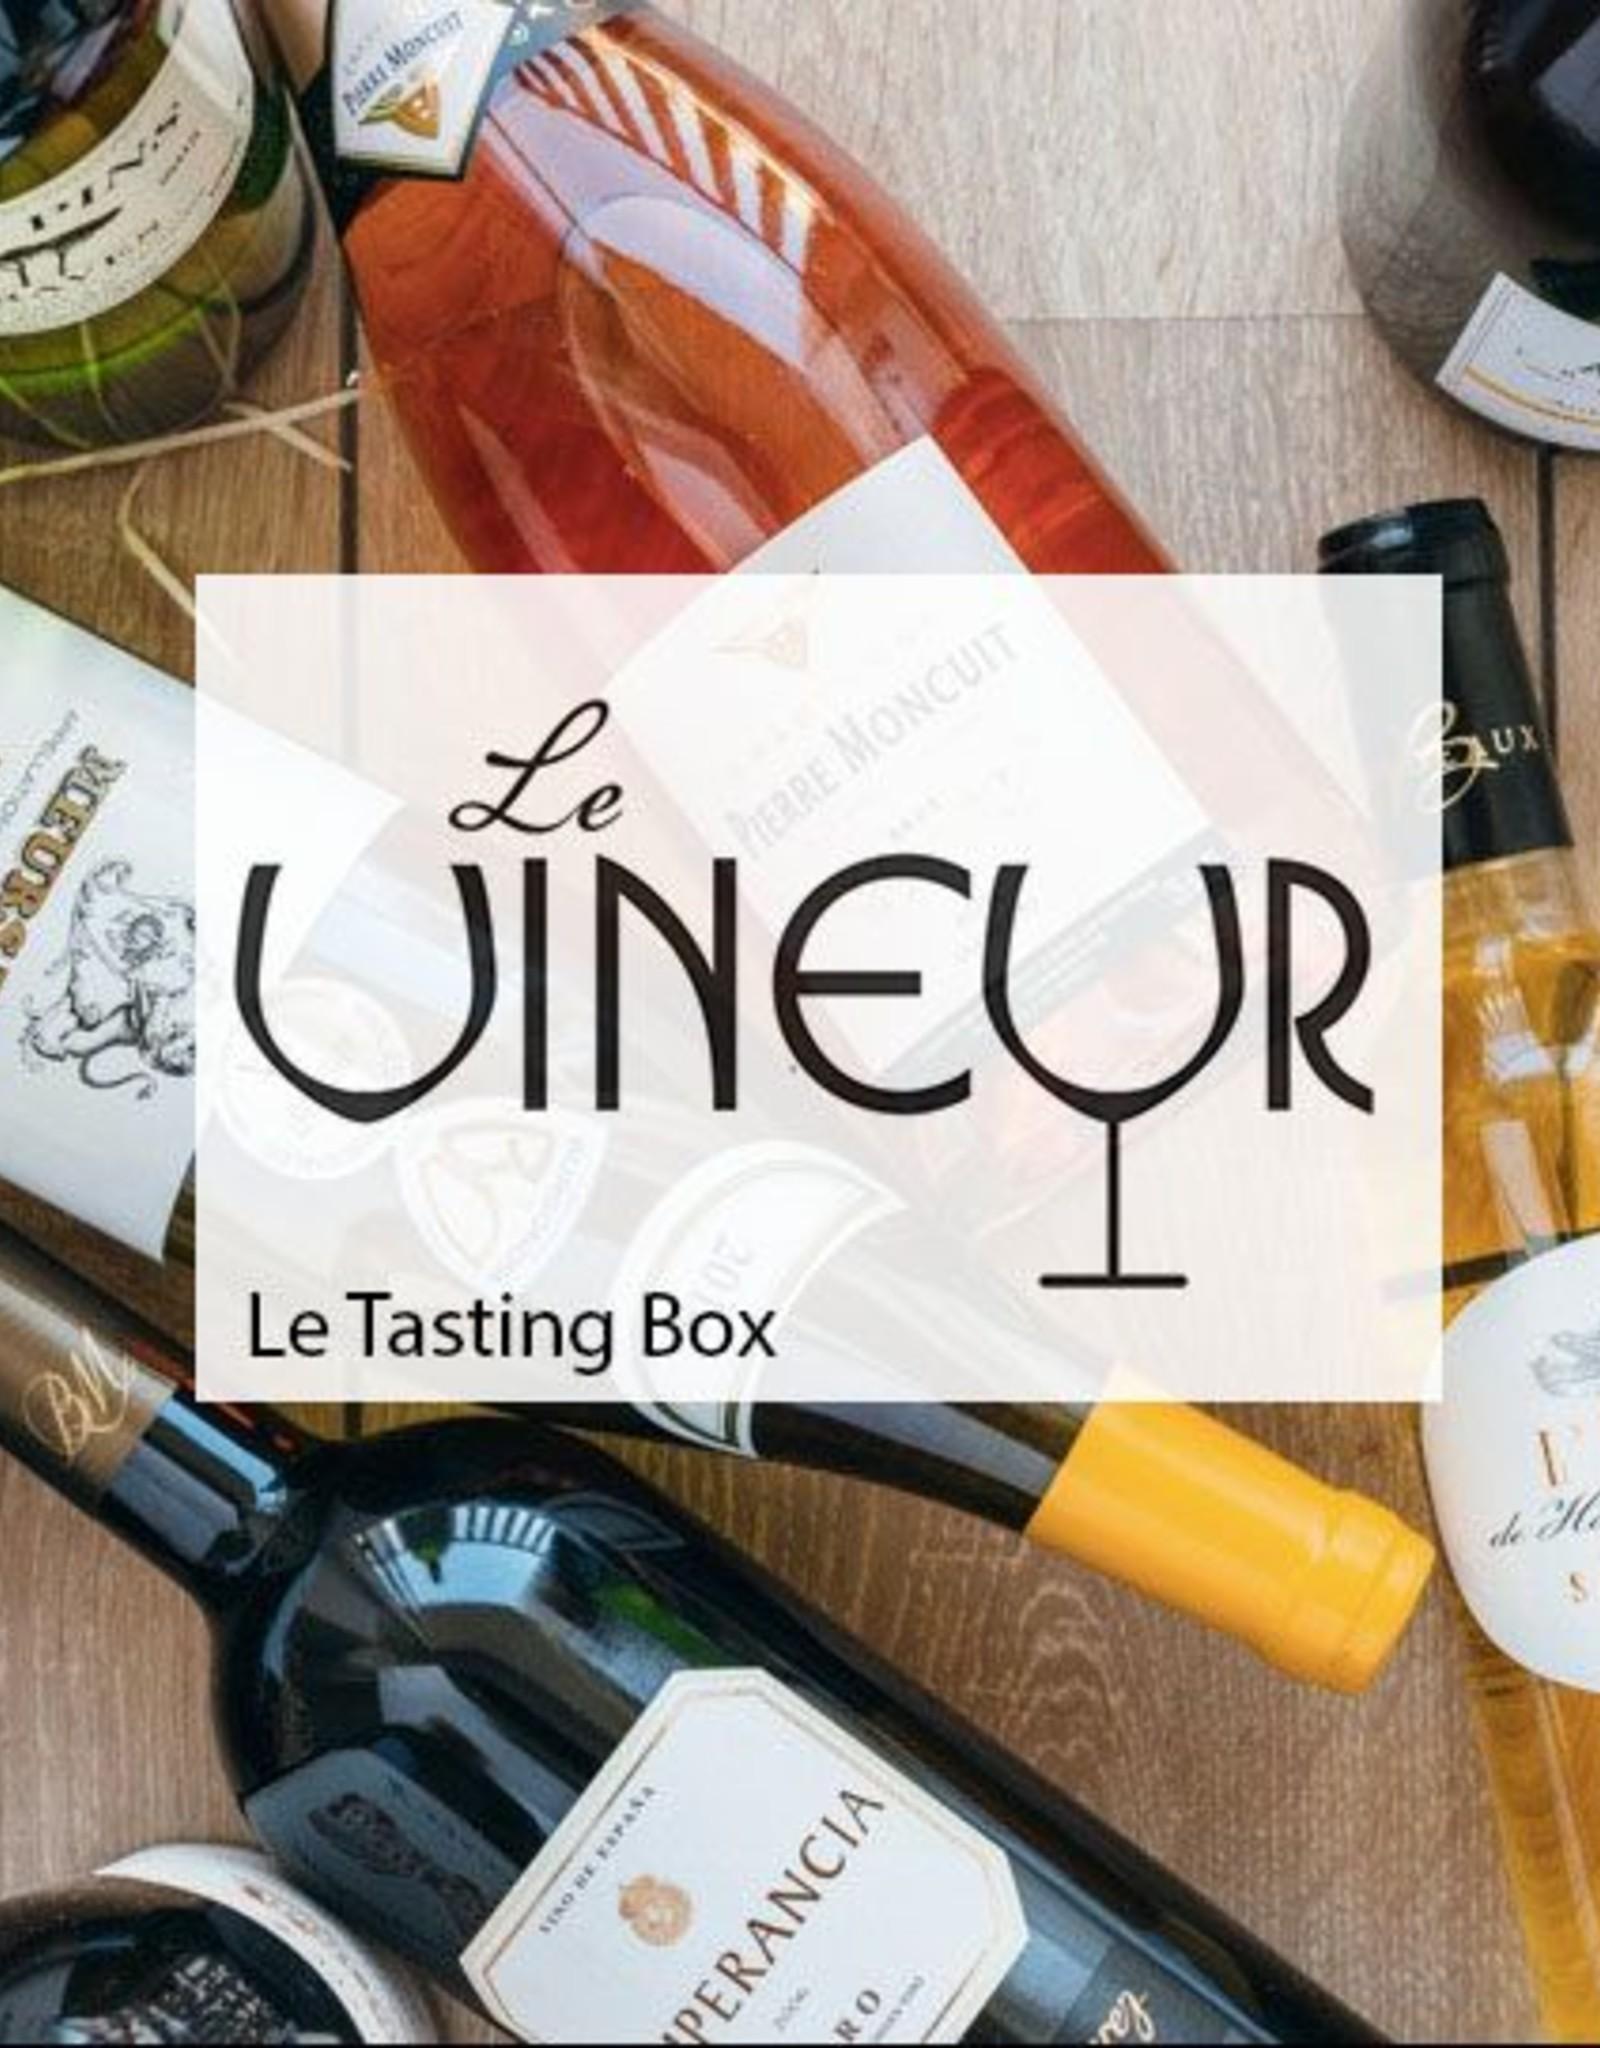 Le Tasting Box